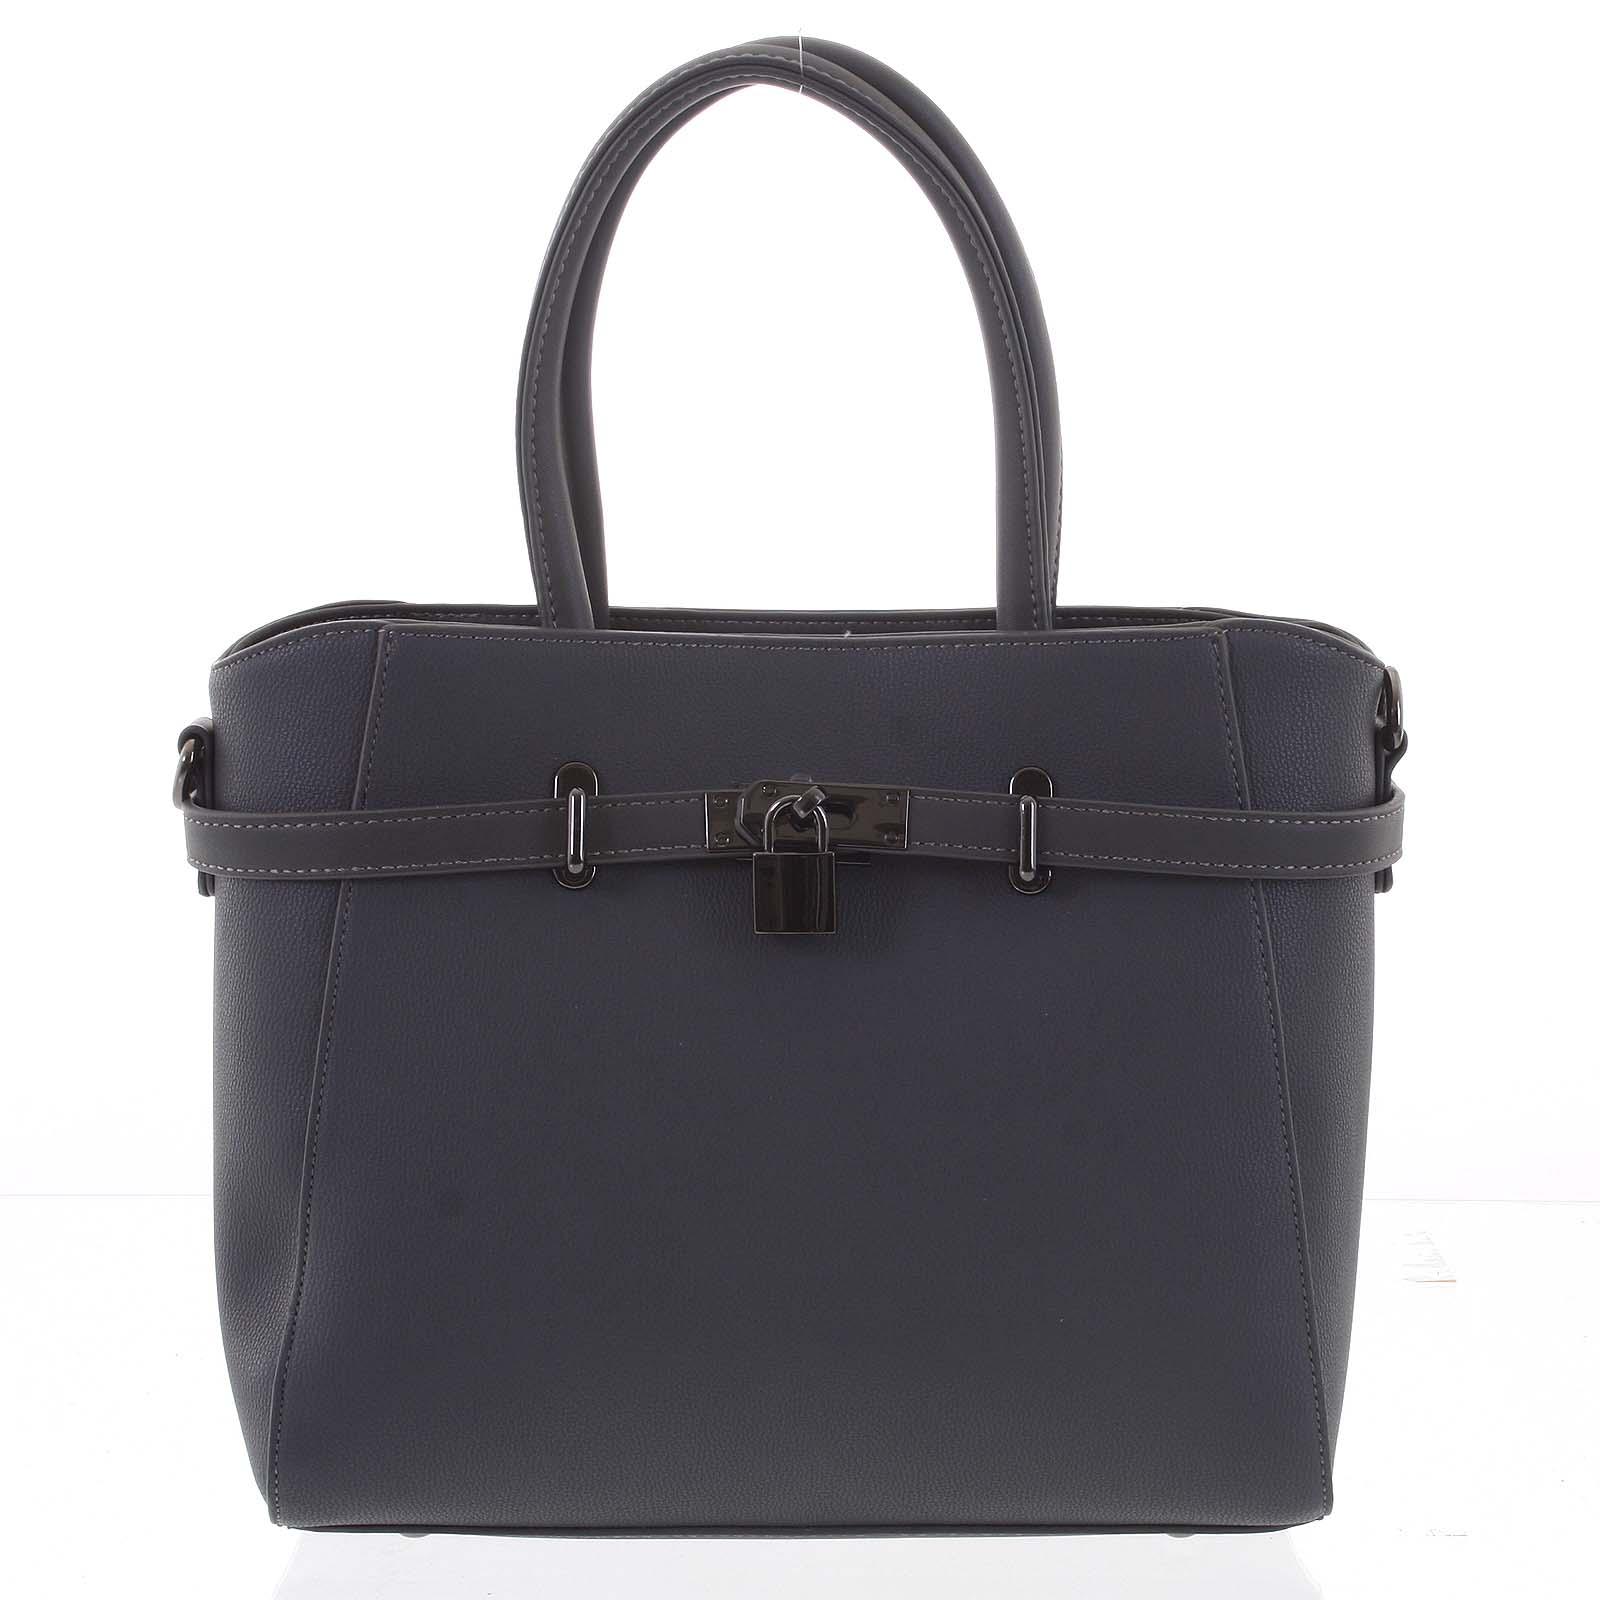 Luxusní stylová menší tmavě šedá kabelka do ruky - David Jones Haless